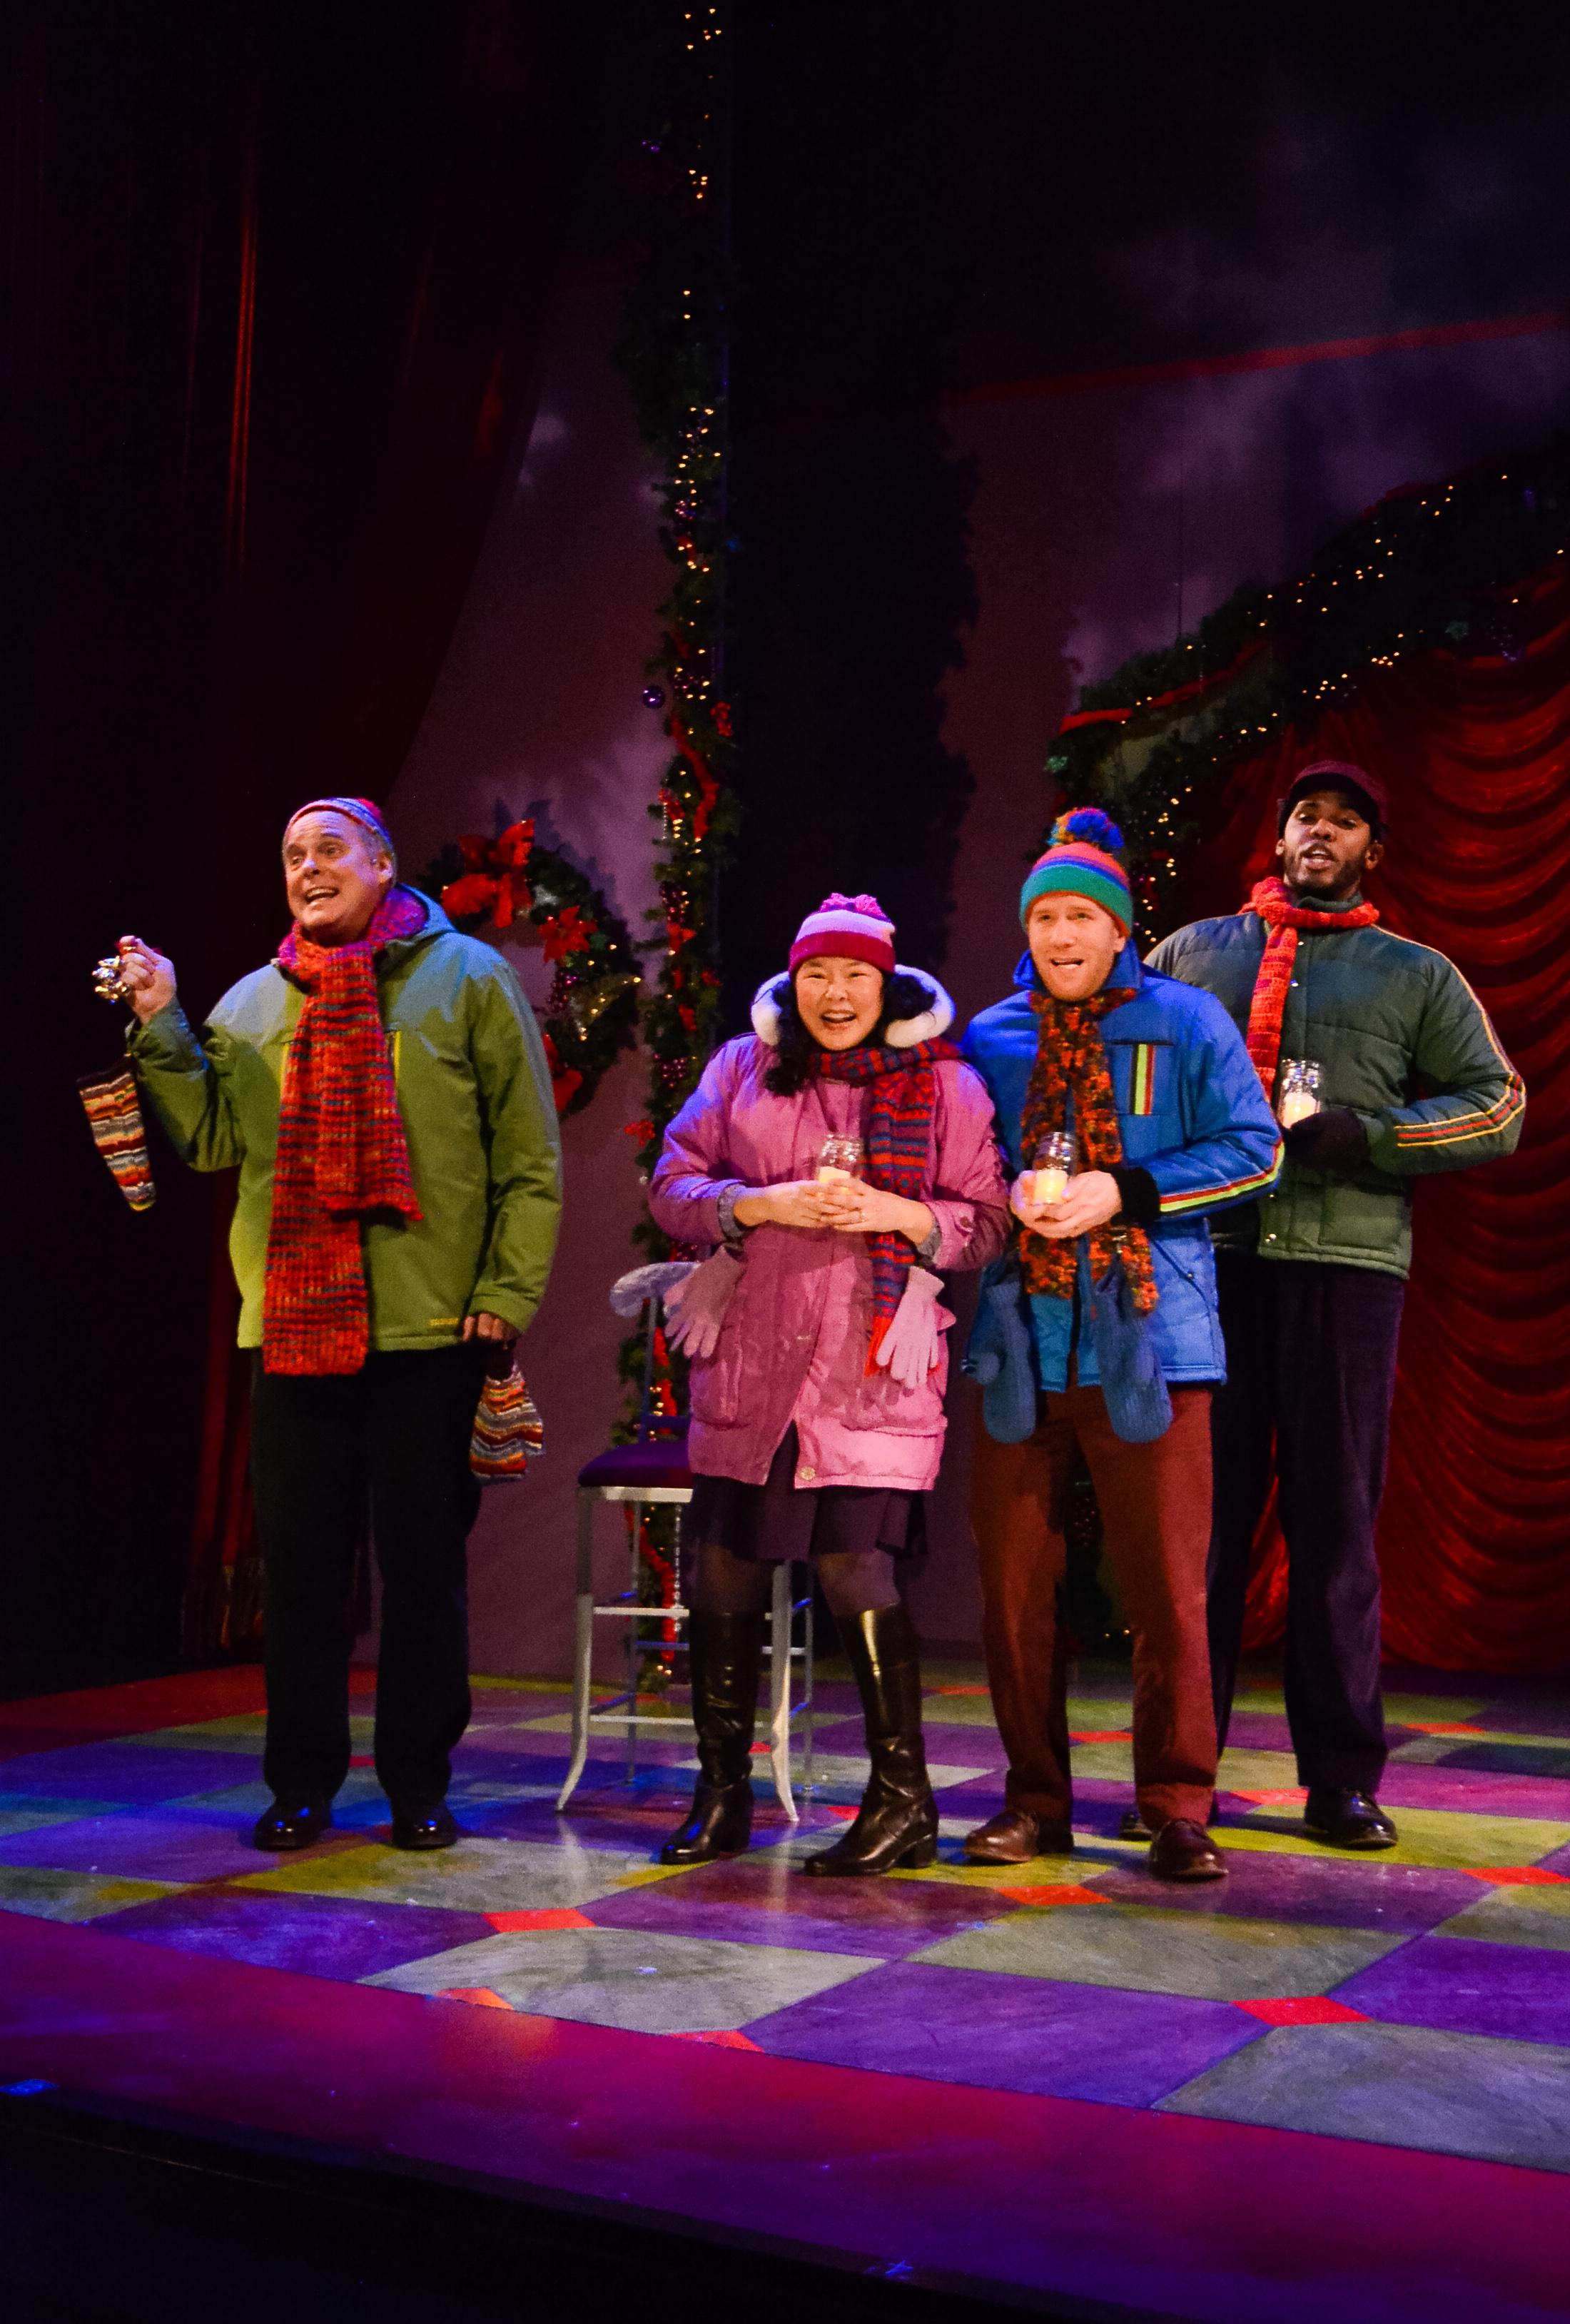 Theater Latté Da's A CHRISTMAS CAROLE PETERSEN. Photo by Emilee Elofson. Featuring Tod Petersen, Sara Ochs, Ryan Lee, and Dominique Wooten.